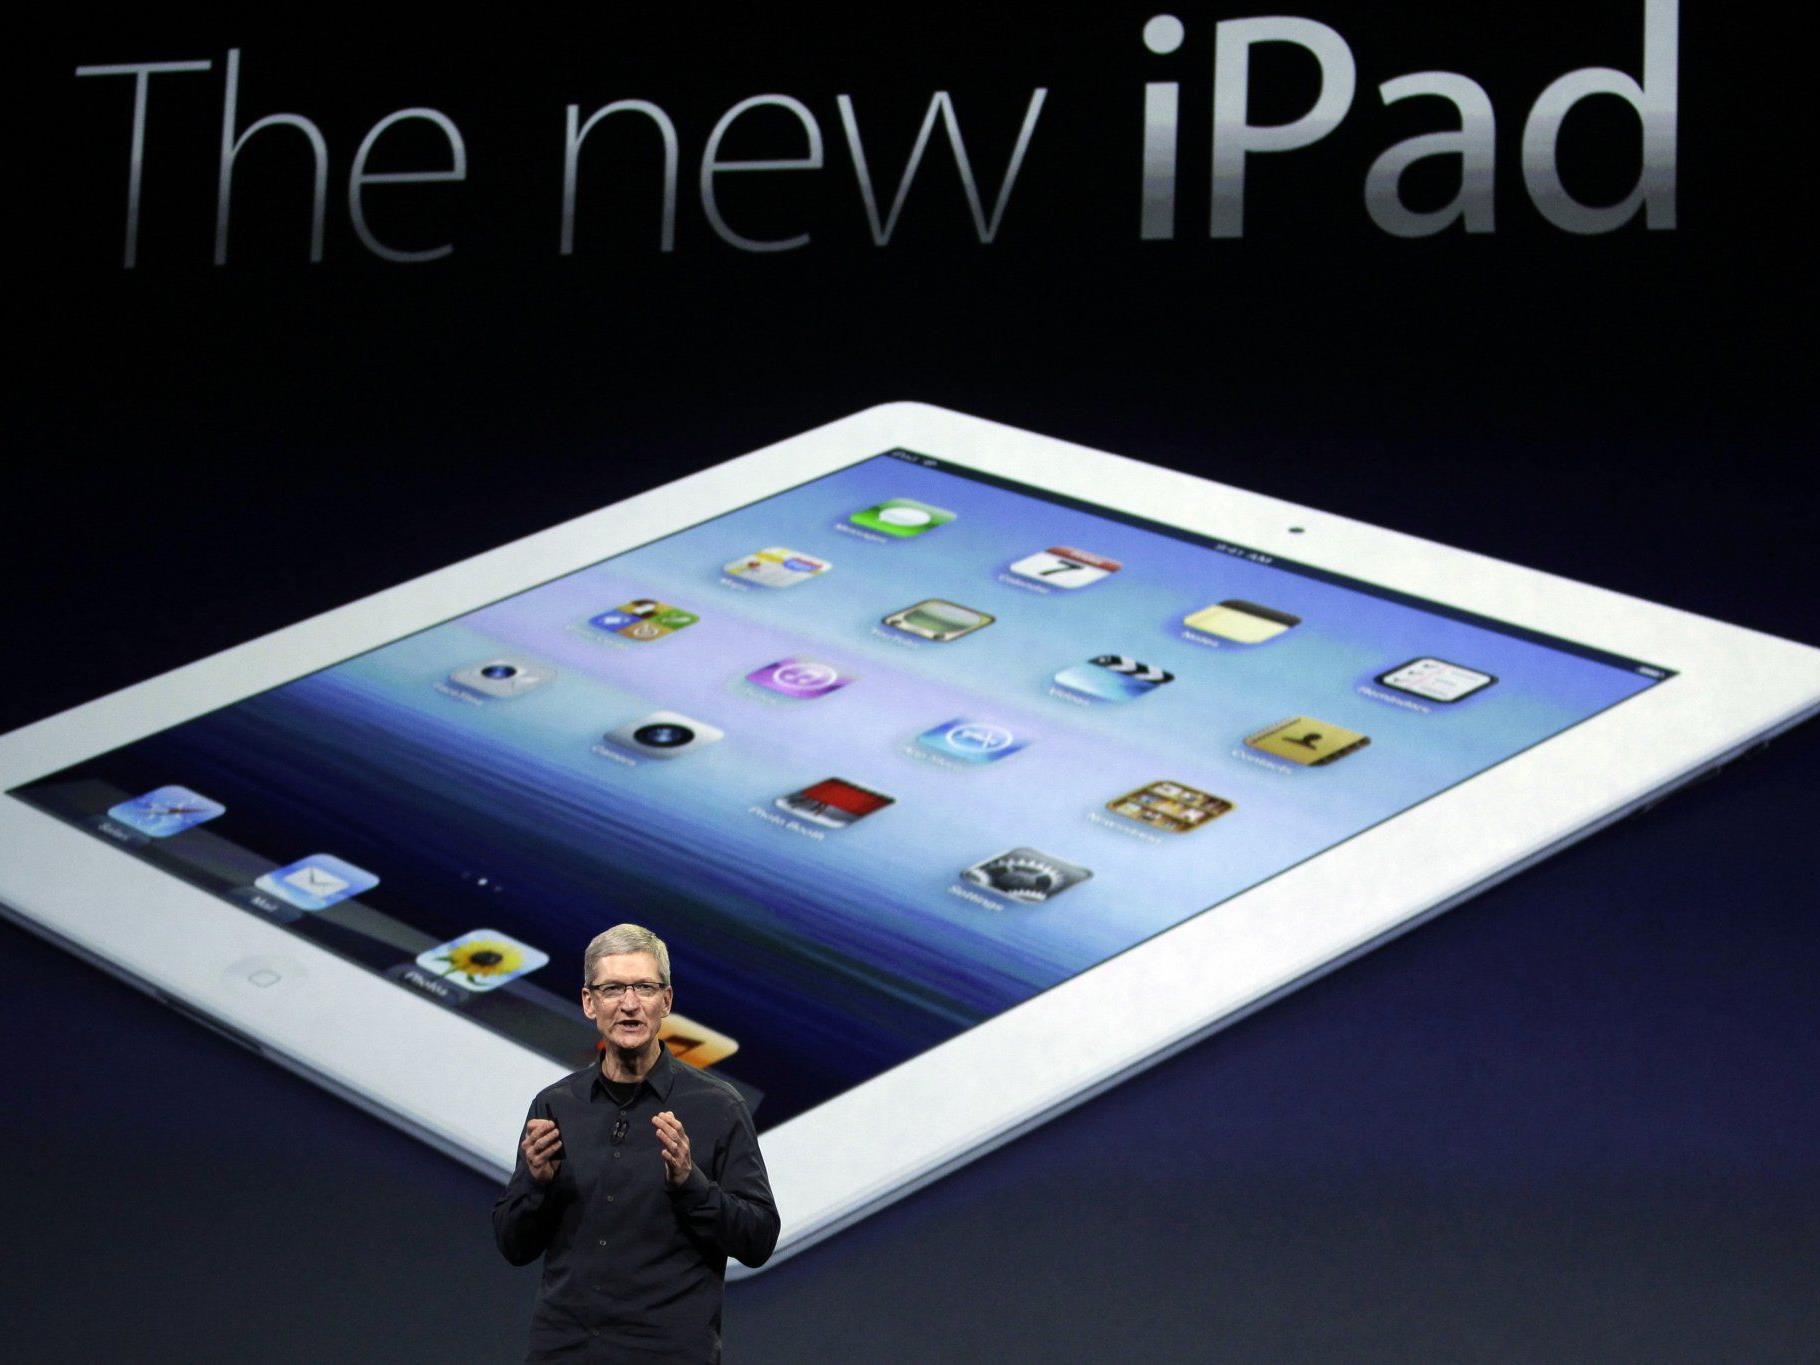 Tim Cook präsentiert das neue iPad in San Francisco.